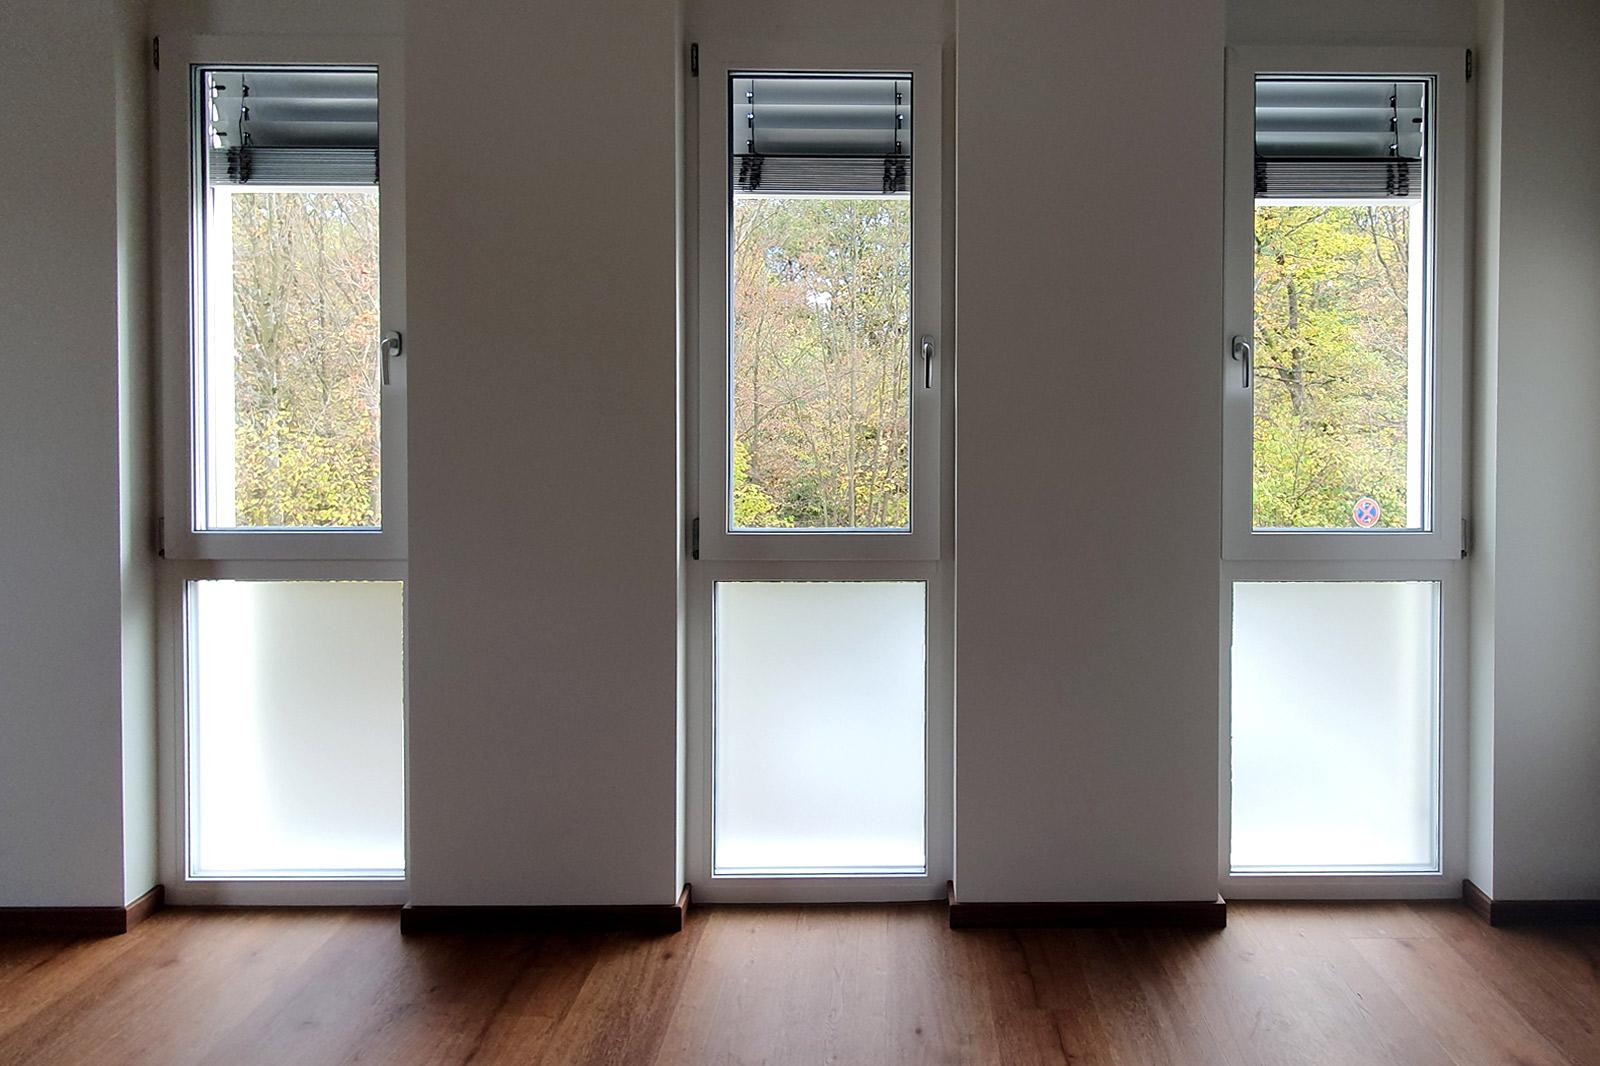 Drei Fenster mit einer Sichtschutzfolierung aus Milchglasfolie